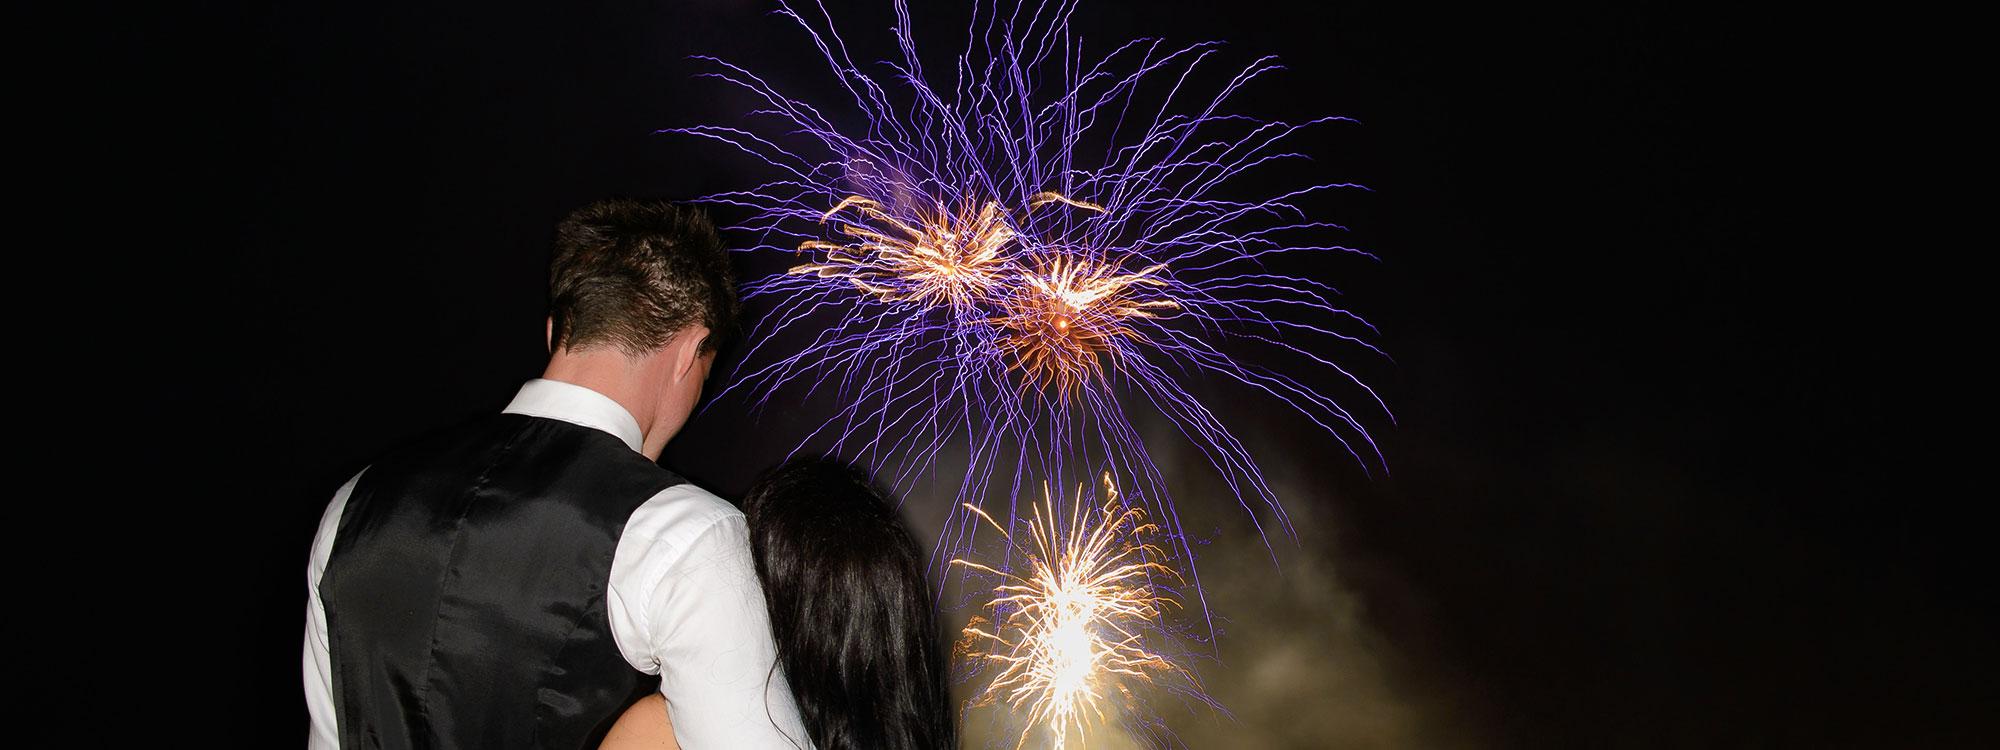 1409140228-fireworks-banner-2000